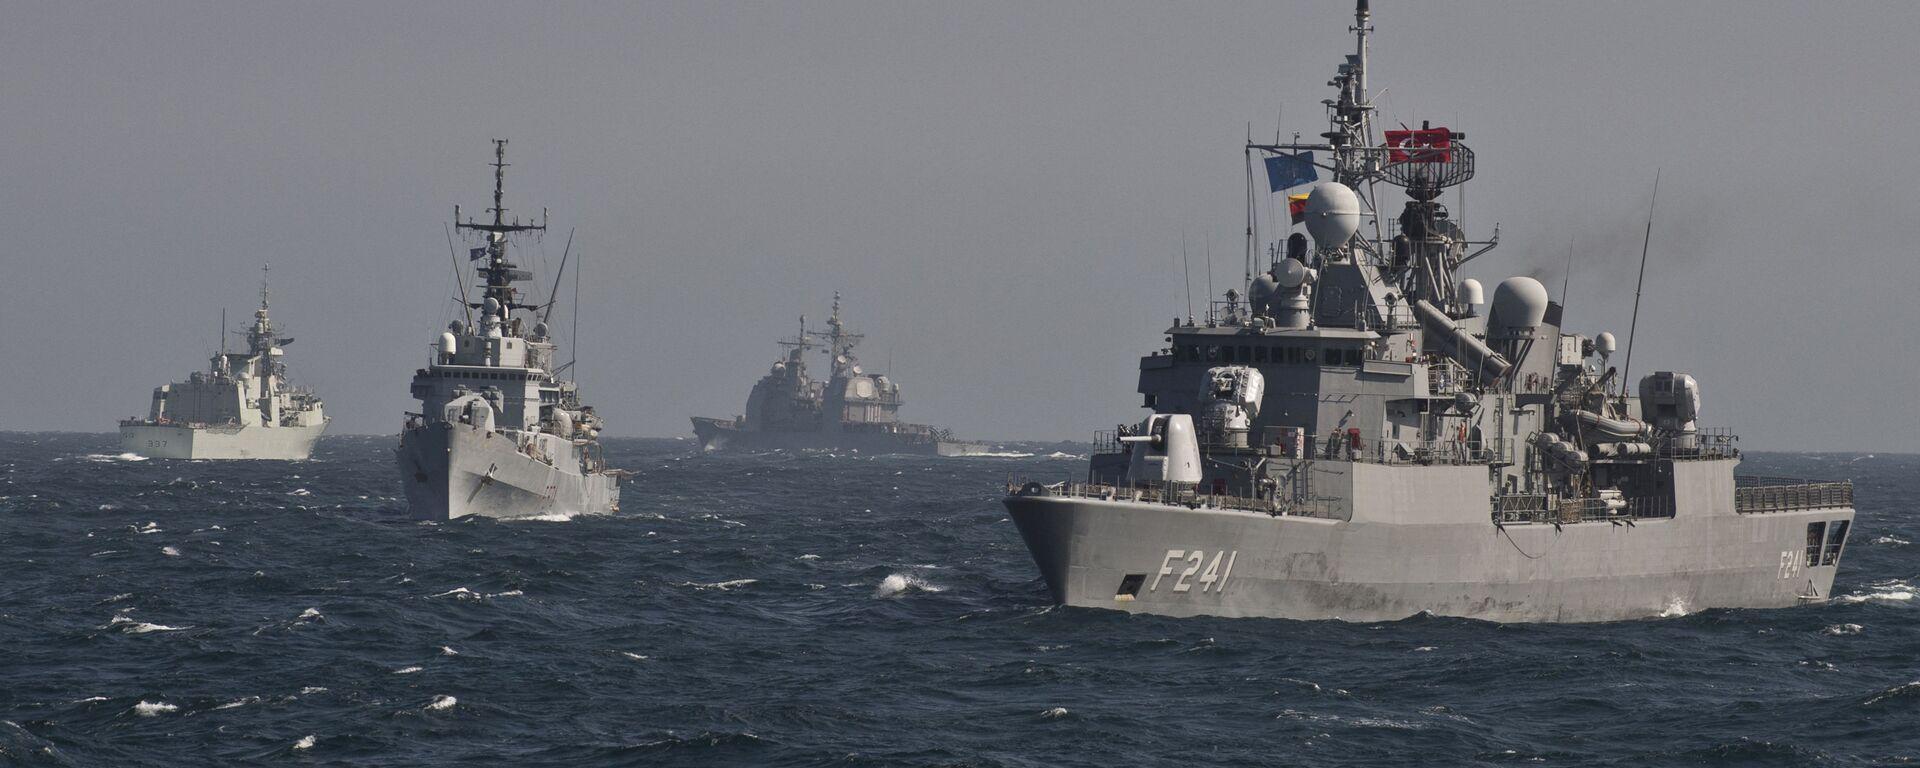 Военные корабли Постоянной морской группы-2 НАТО принимают участие в учениях на Черном море в 60 км от города Констанца - Sputnik Аҧсны, 1920, 24.09.2021